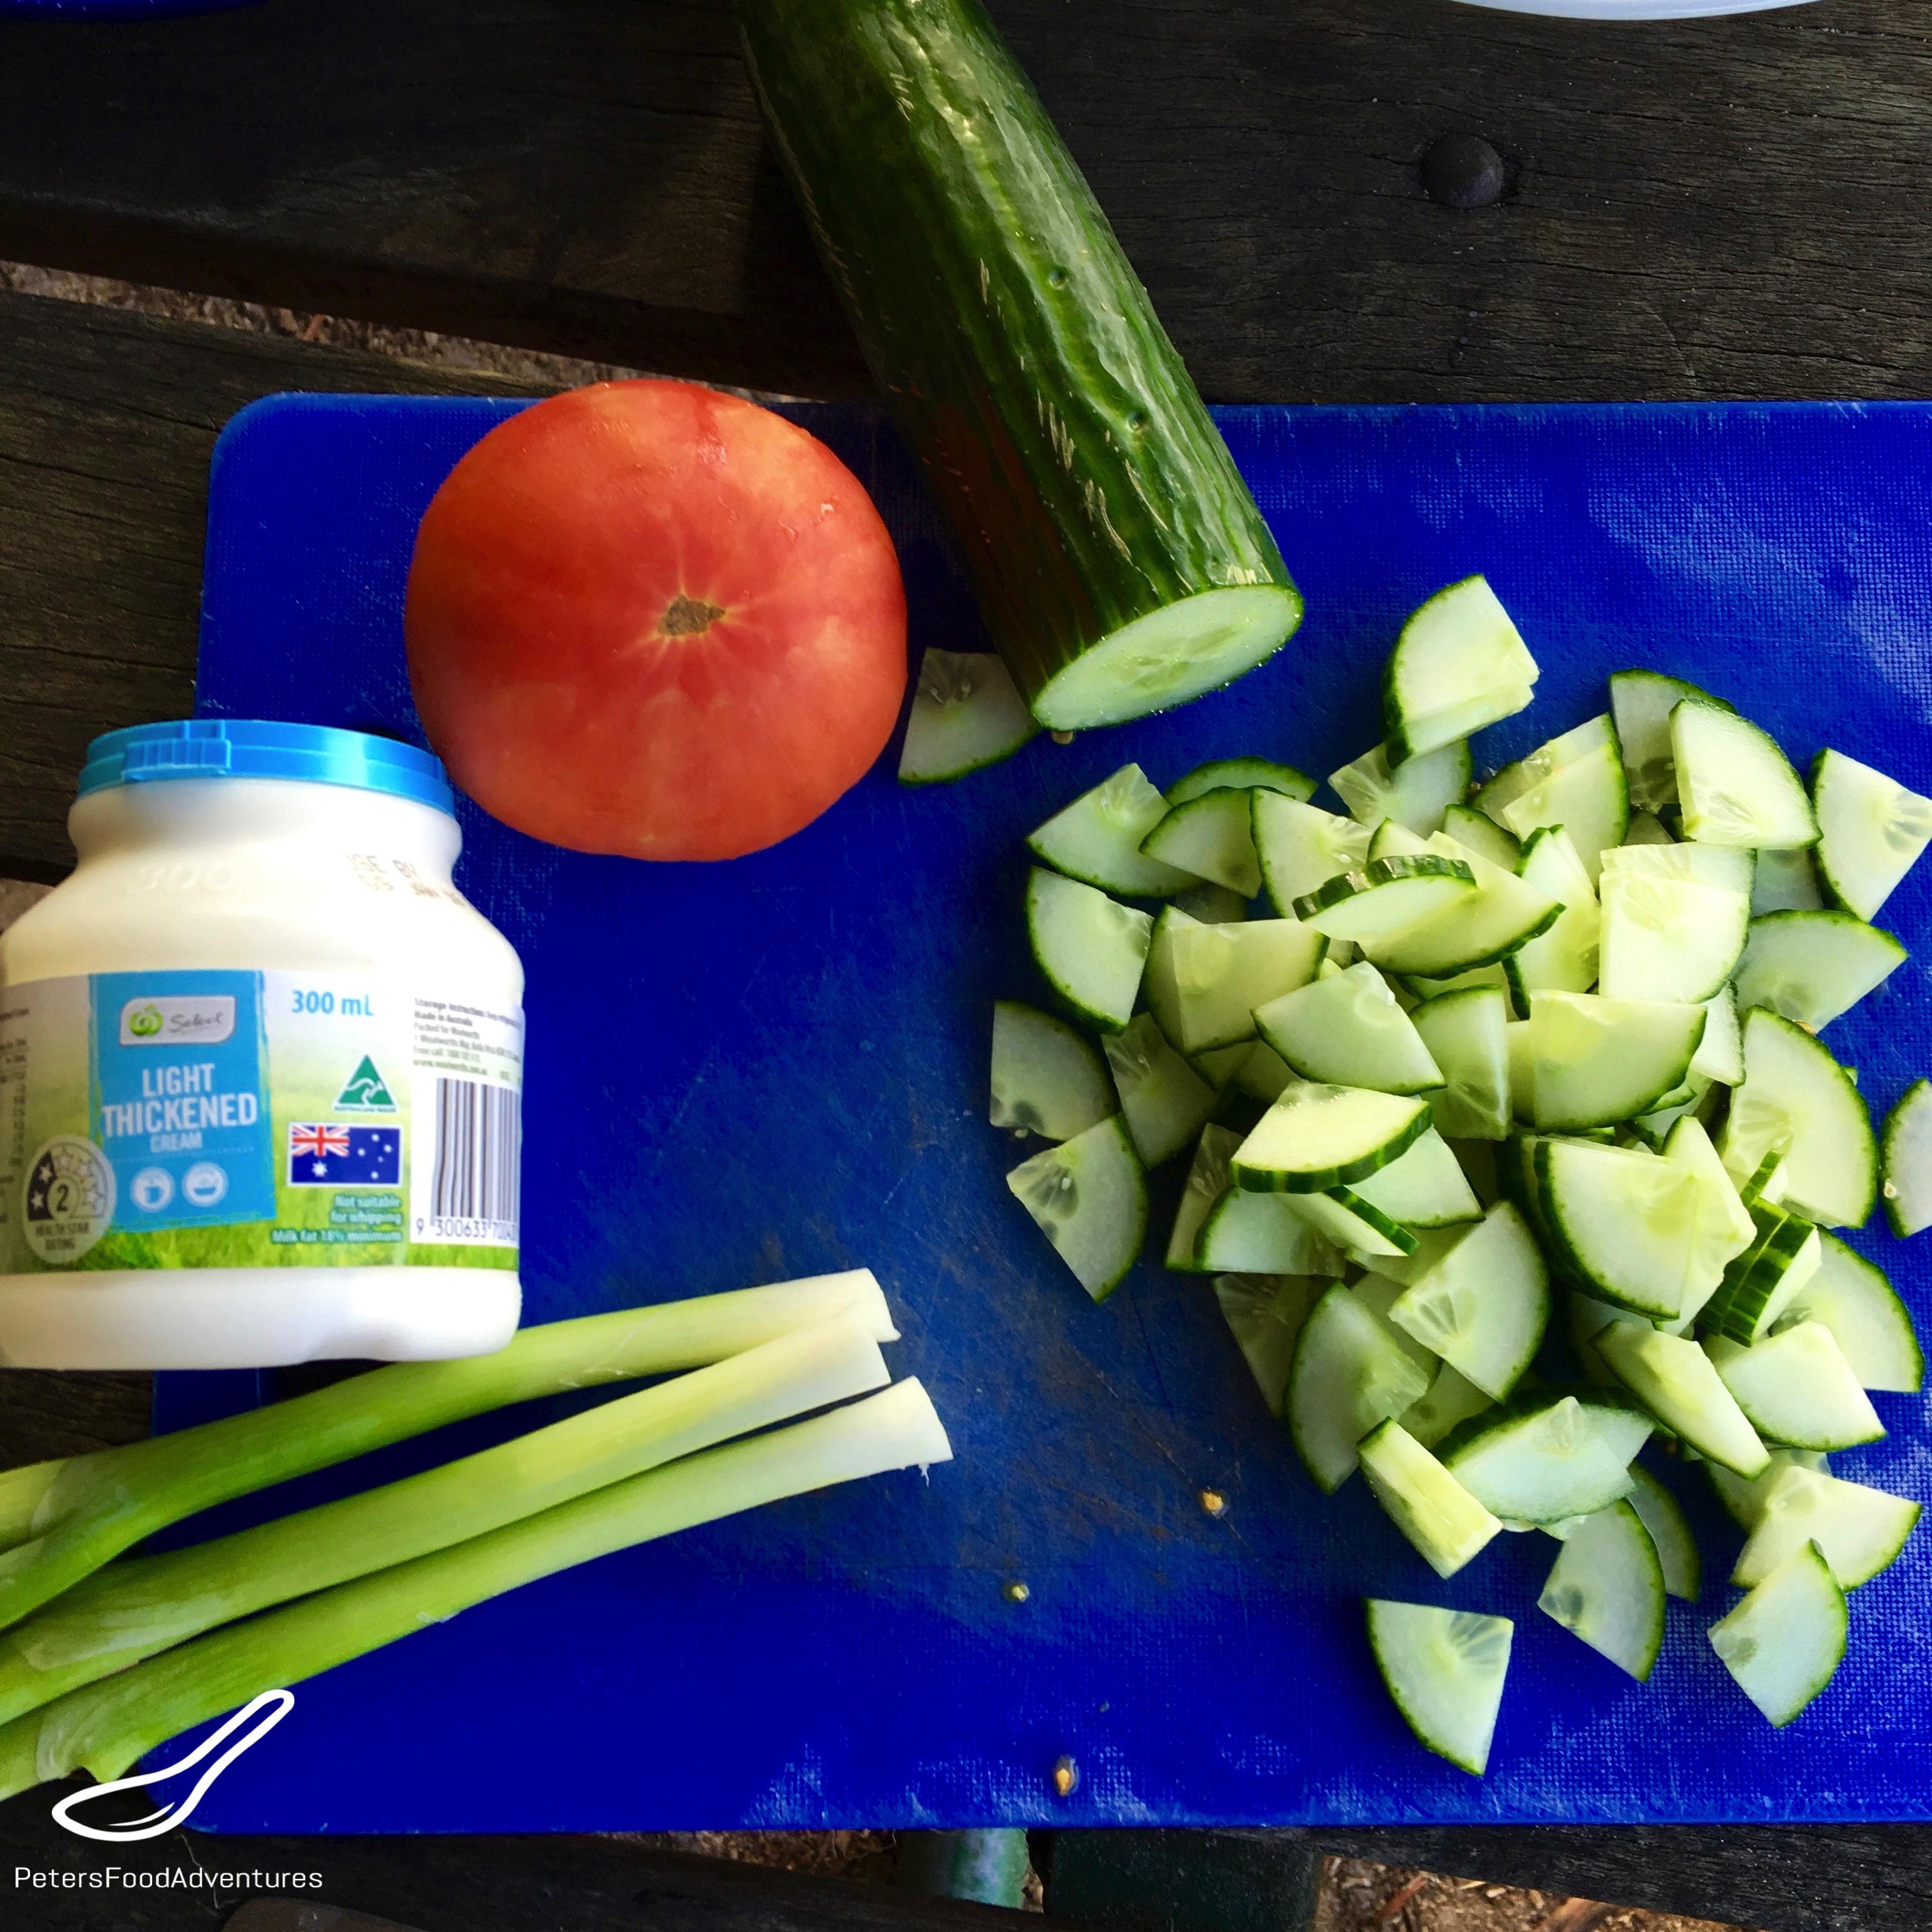 Chopping Cucumbers on Cutting Board